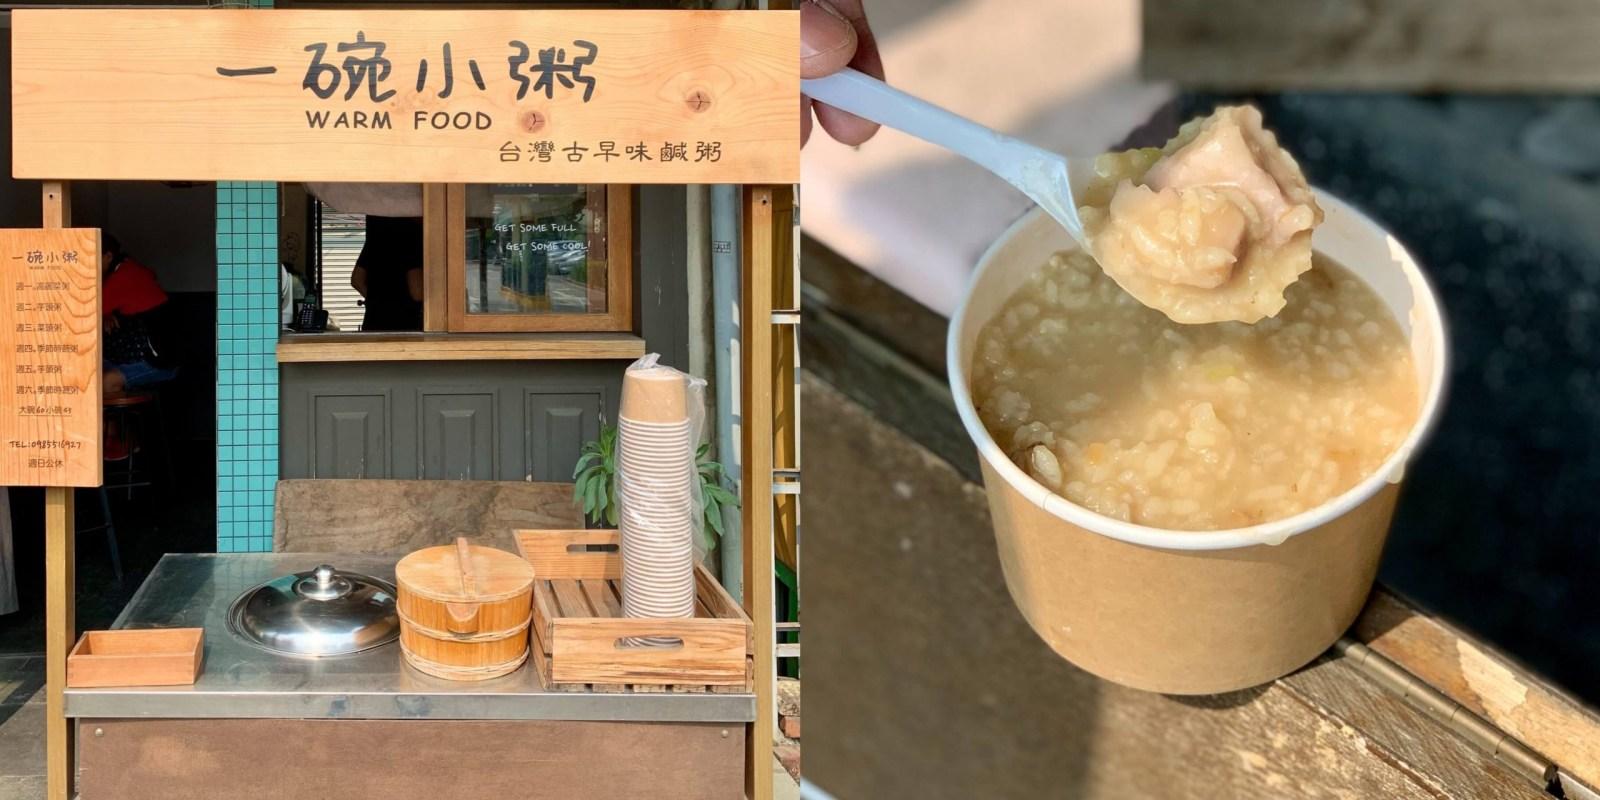 【台南美食】一碗小粥|一天只賣一種,每天提供的口味不盡相同